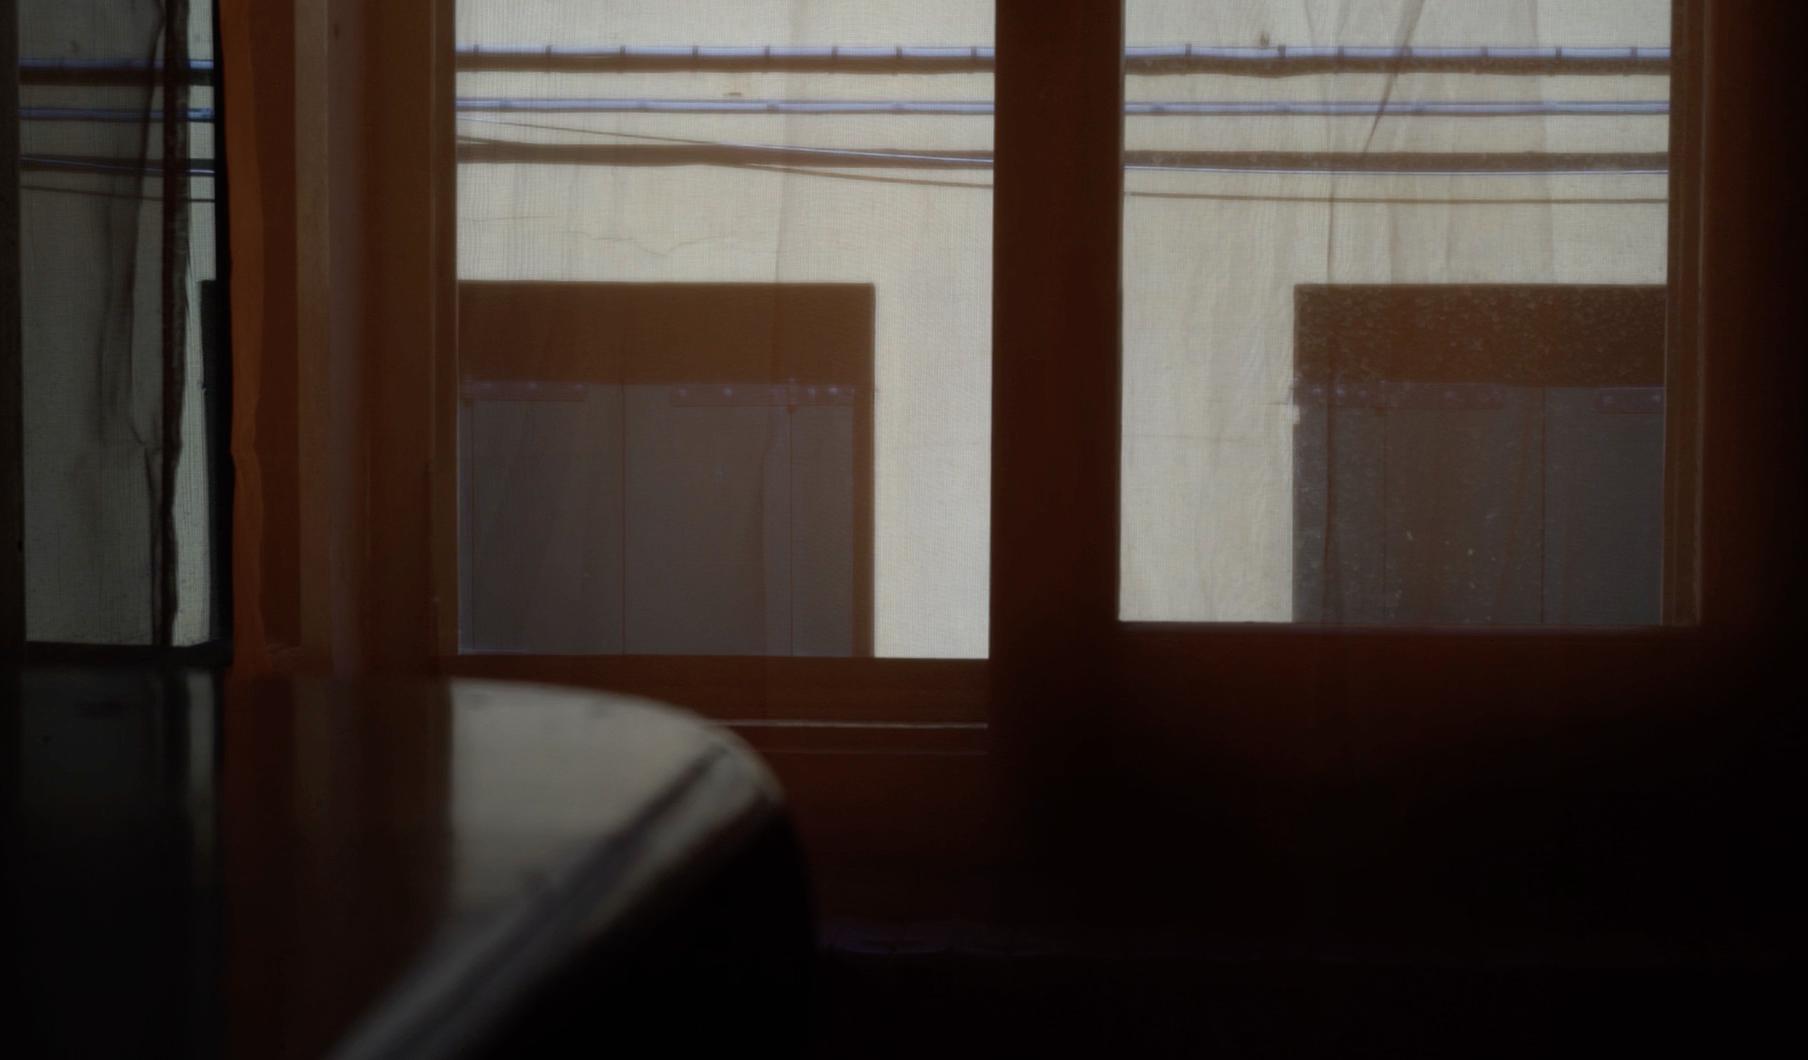 Screen Shot 2018-05-01 at 12.29.52 AM.png